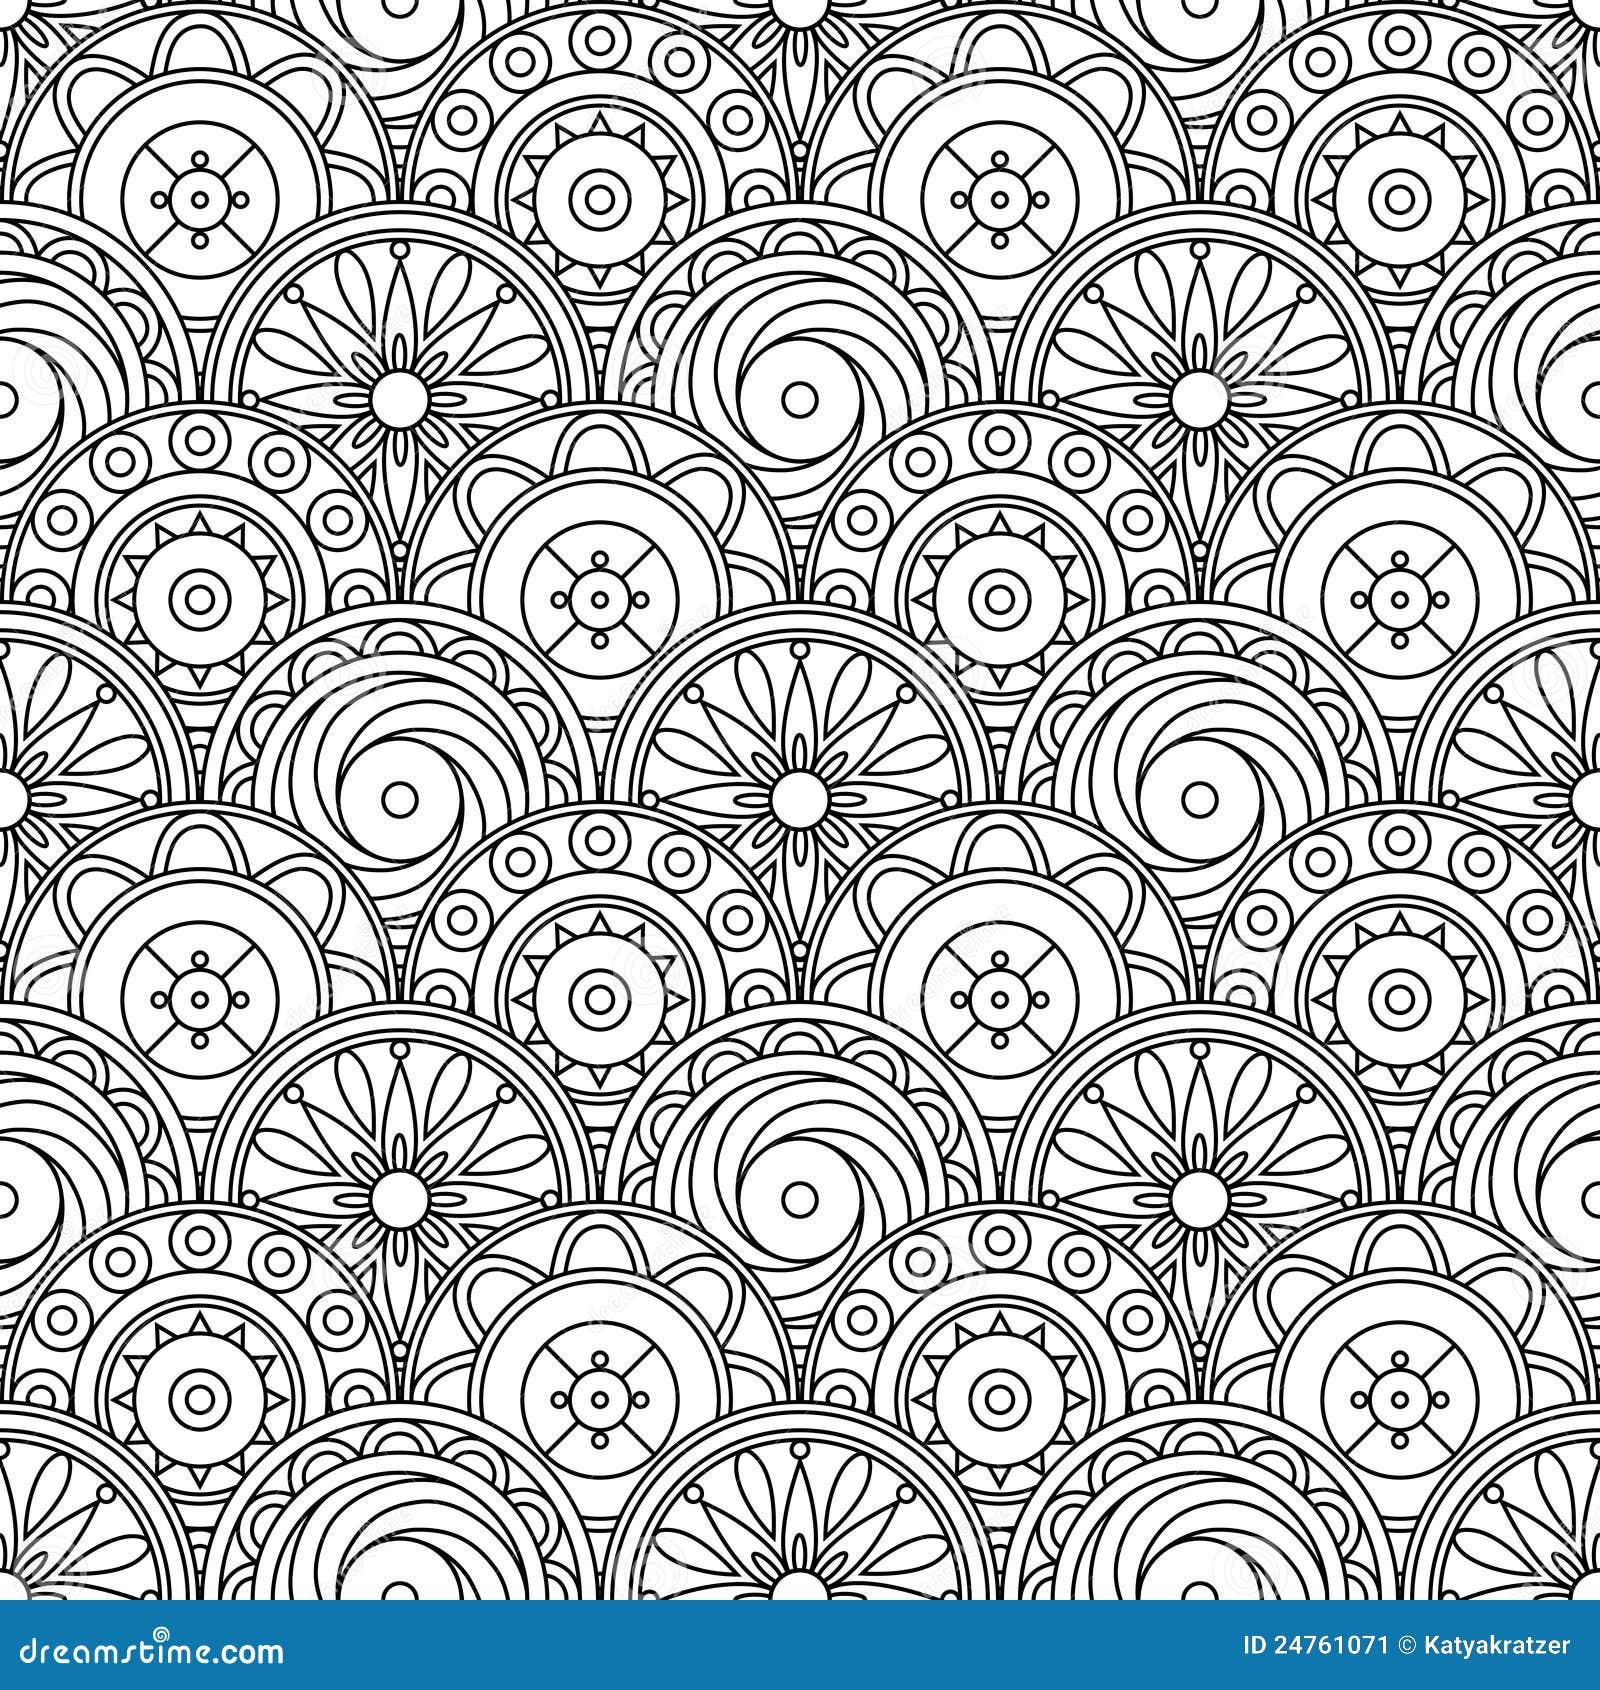 ornate tile 24761071